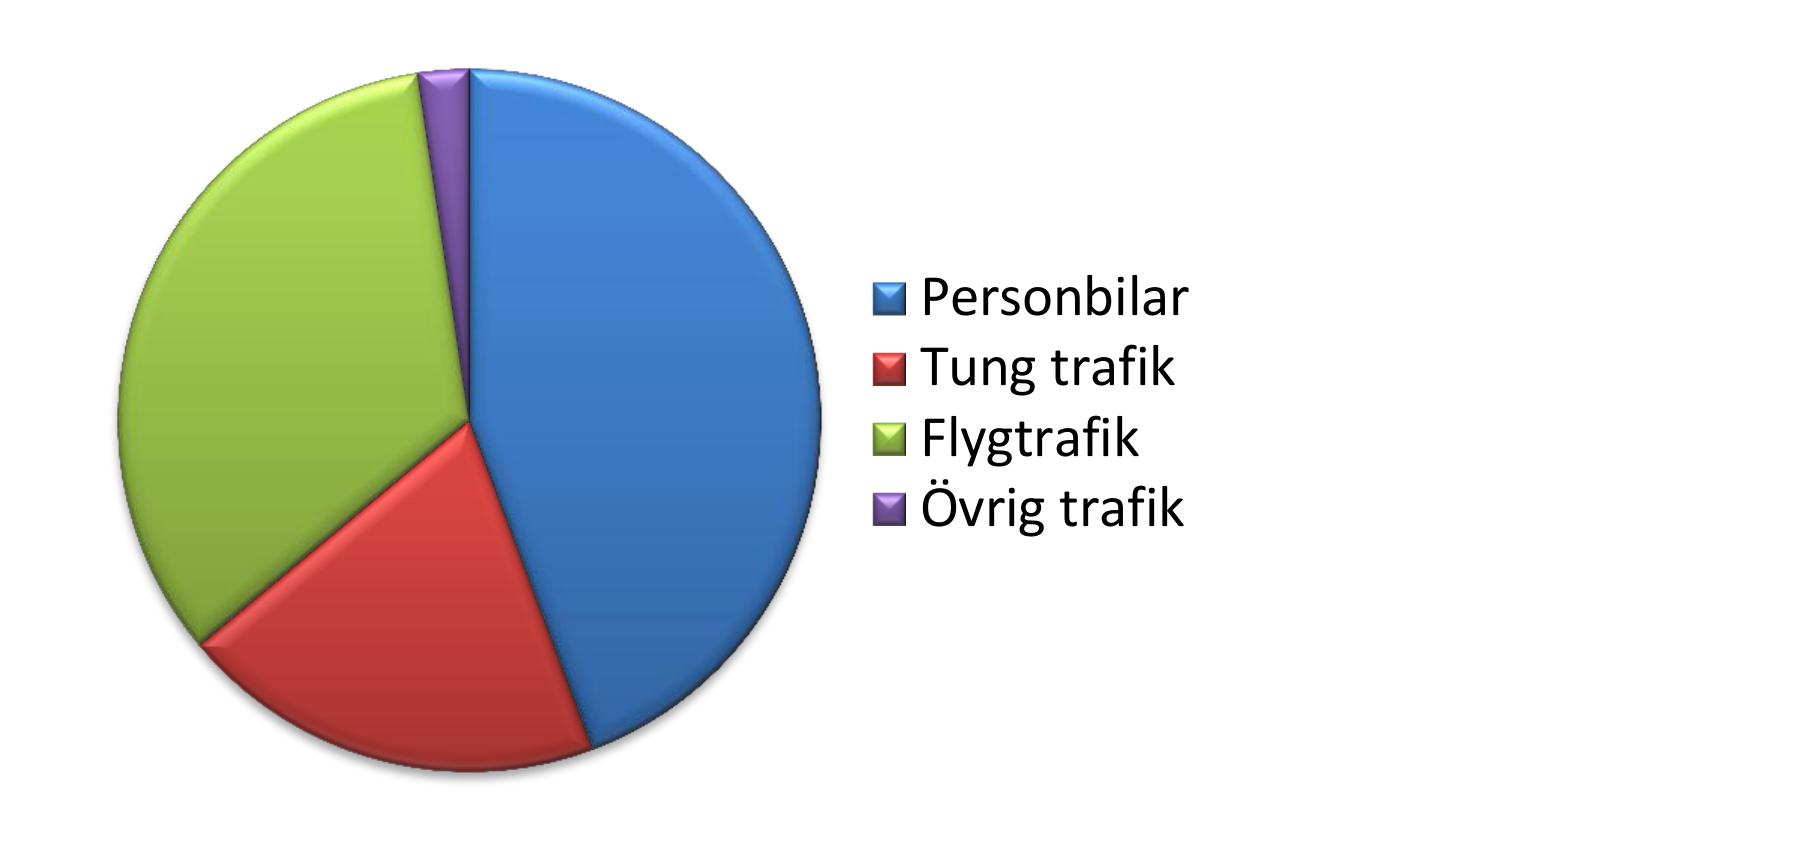 Sammanvägd bild av koldioxidutsläppen från transporter i Västerås, 2008. Grafik: Västerås kommun.